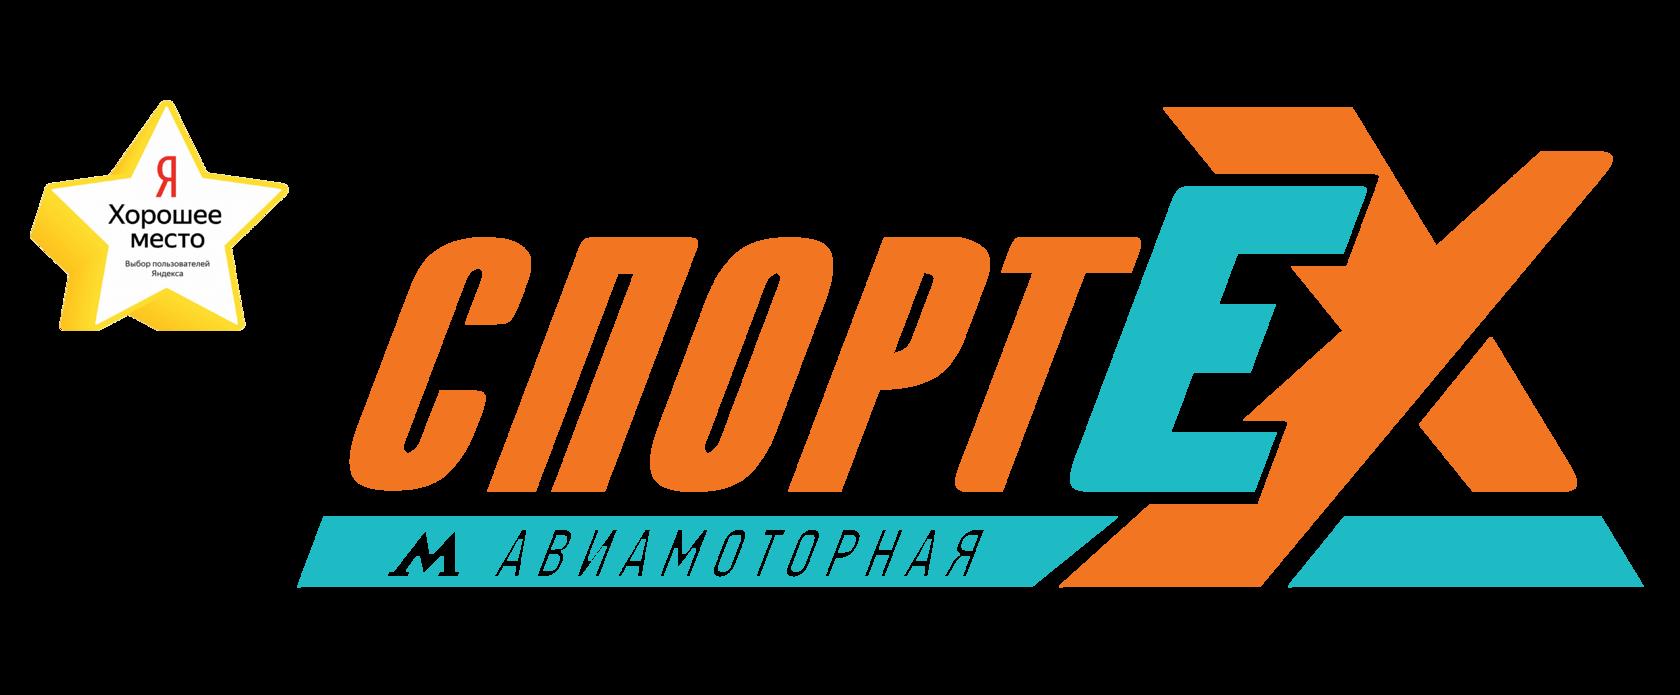 ТРК СпортЕХ